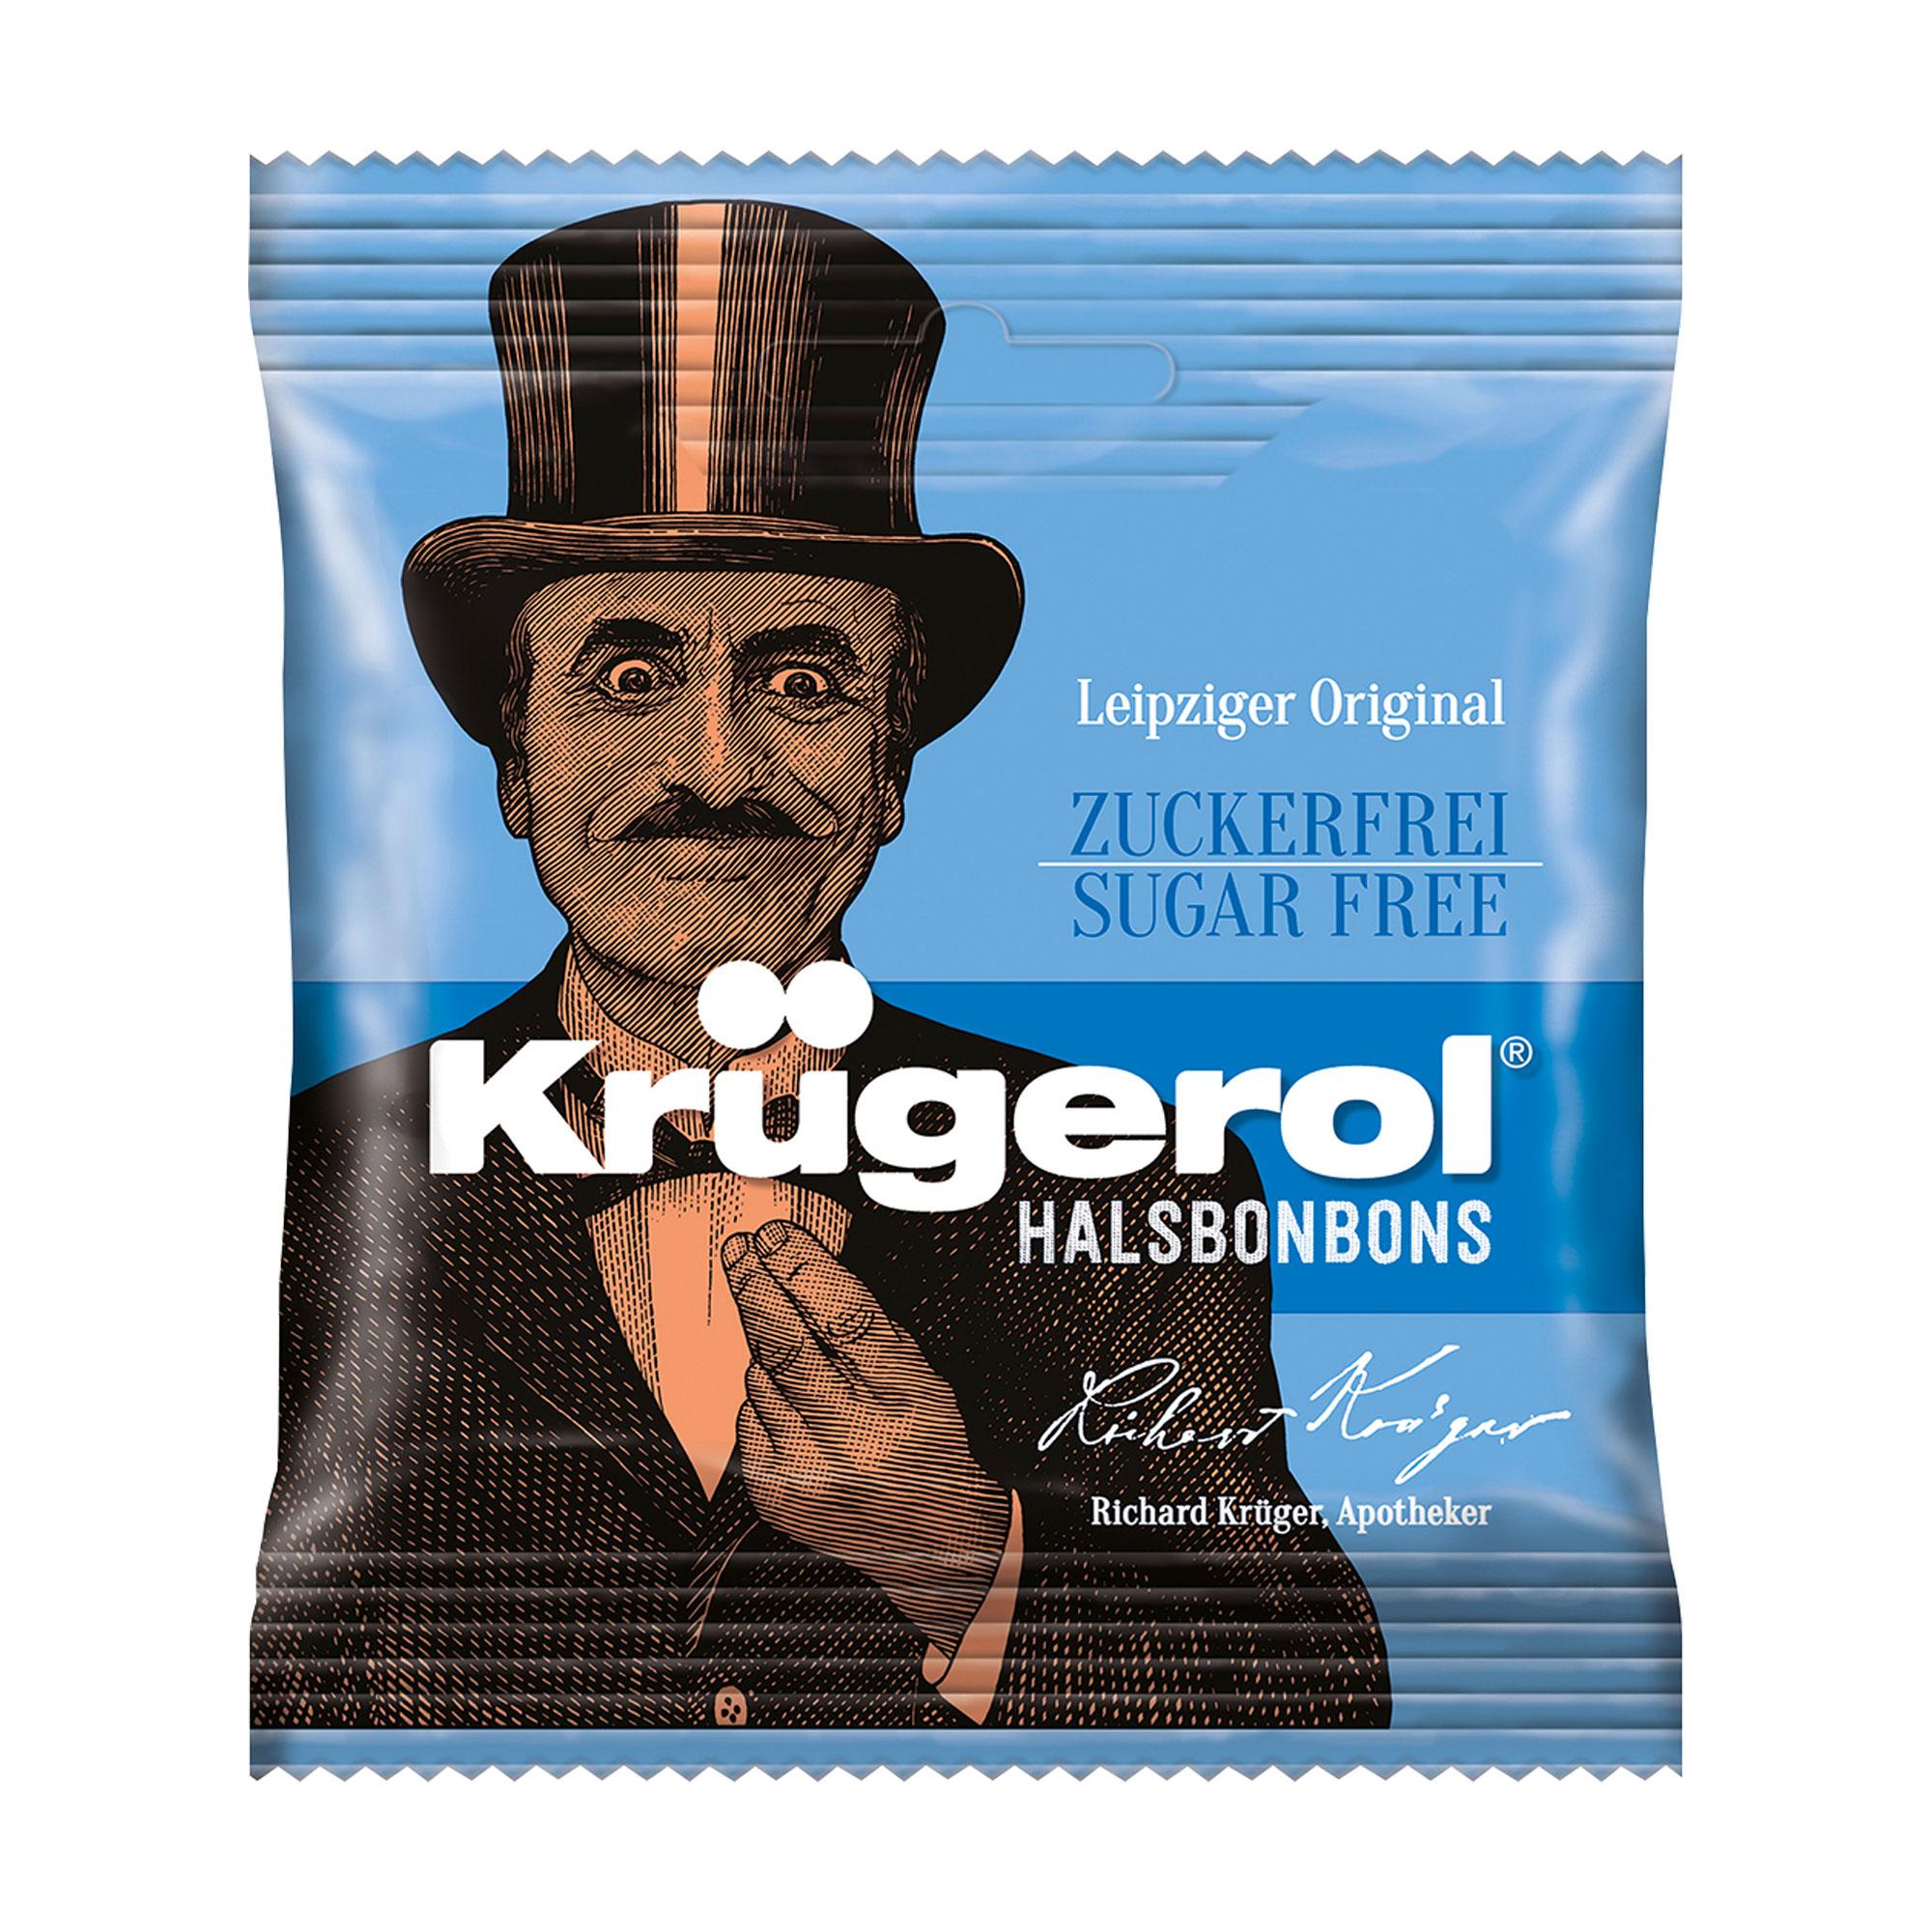 Krügerol Halsbonbons zuckerfrei